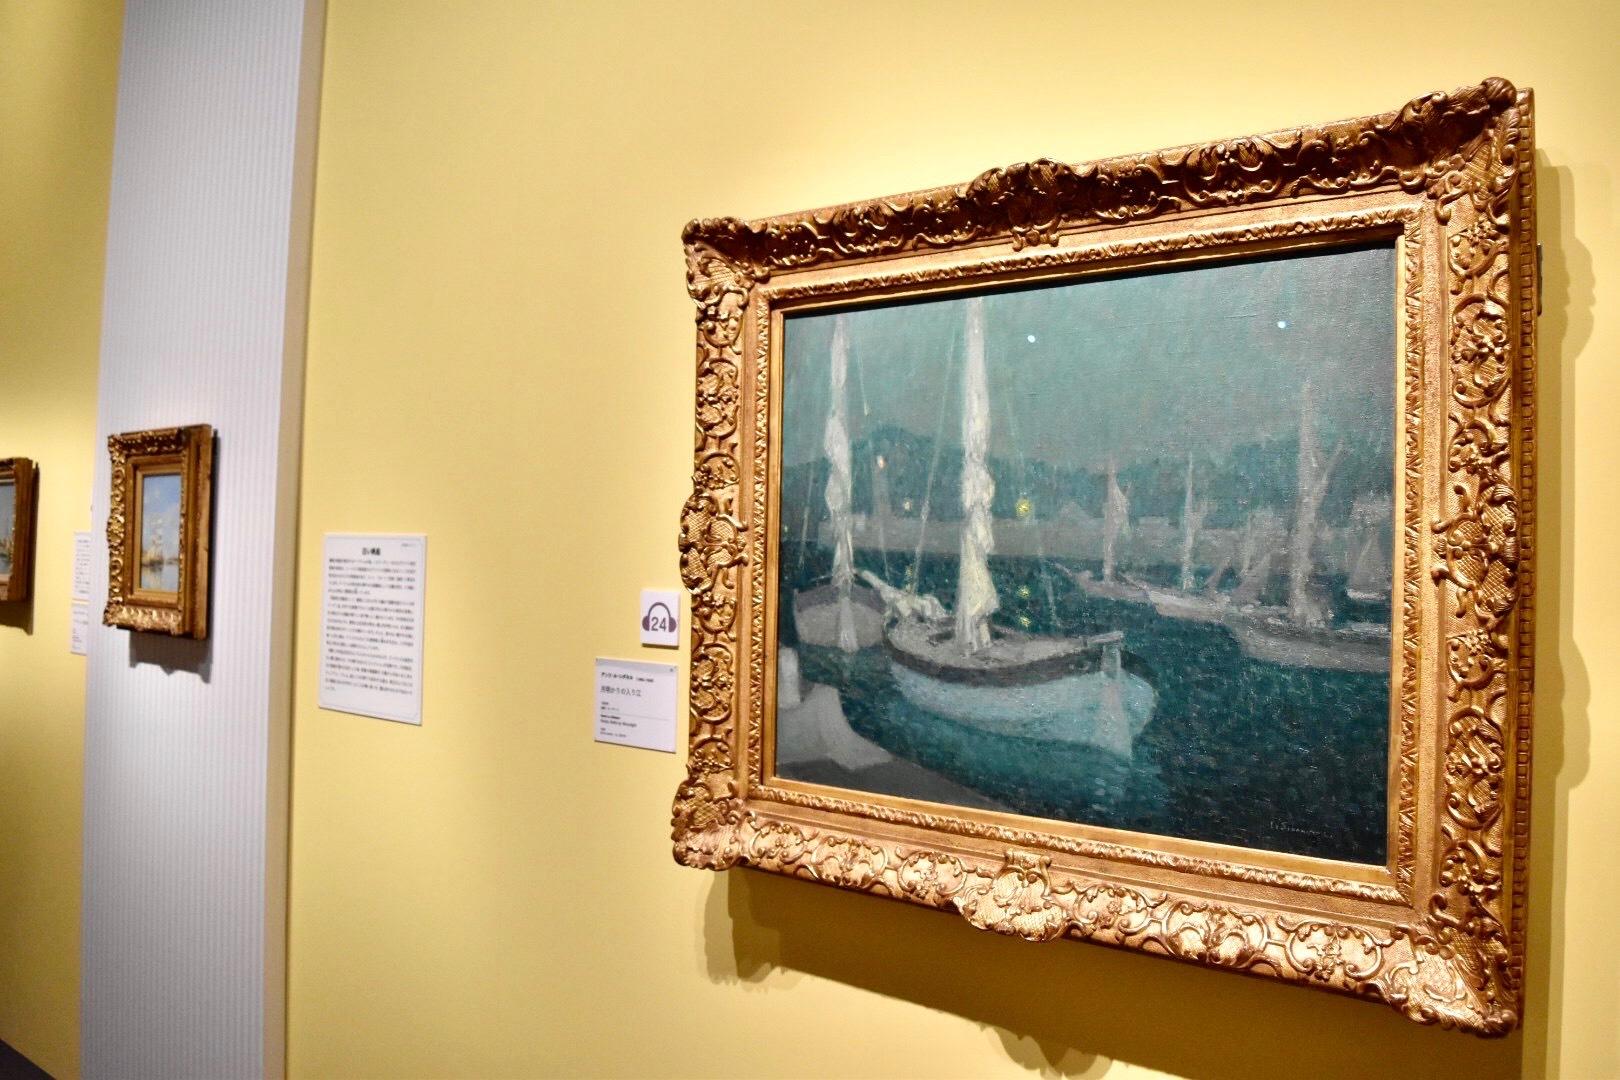 右:アンリ・ル・シダネル 《月明かりの入り江》 1928年 油彩、カンヴァス (C)CSG CIC Glasgow Museums Collection